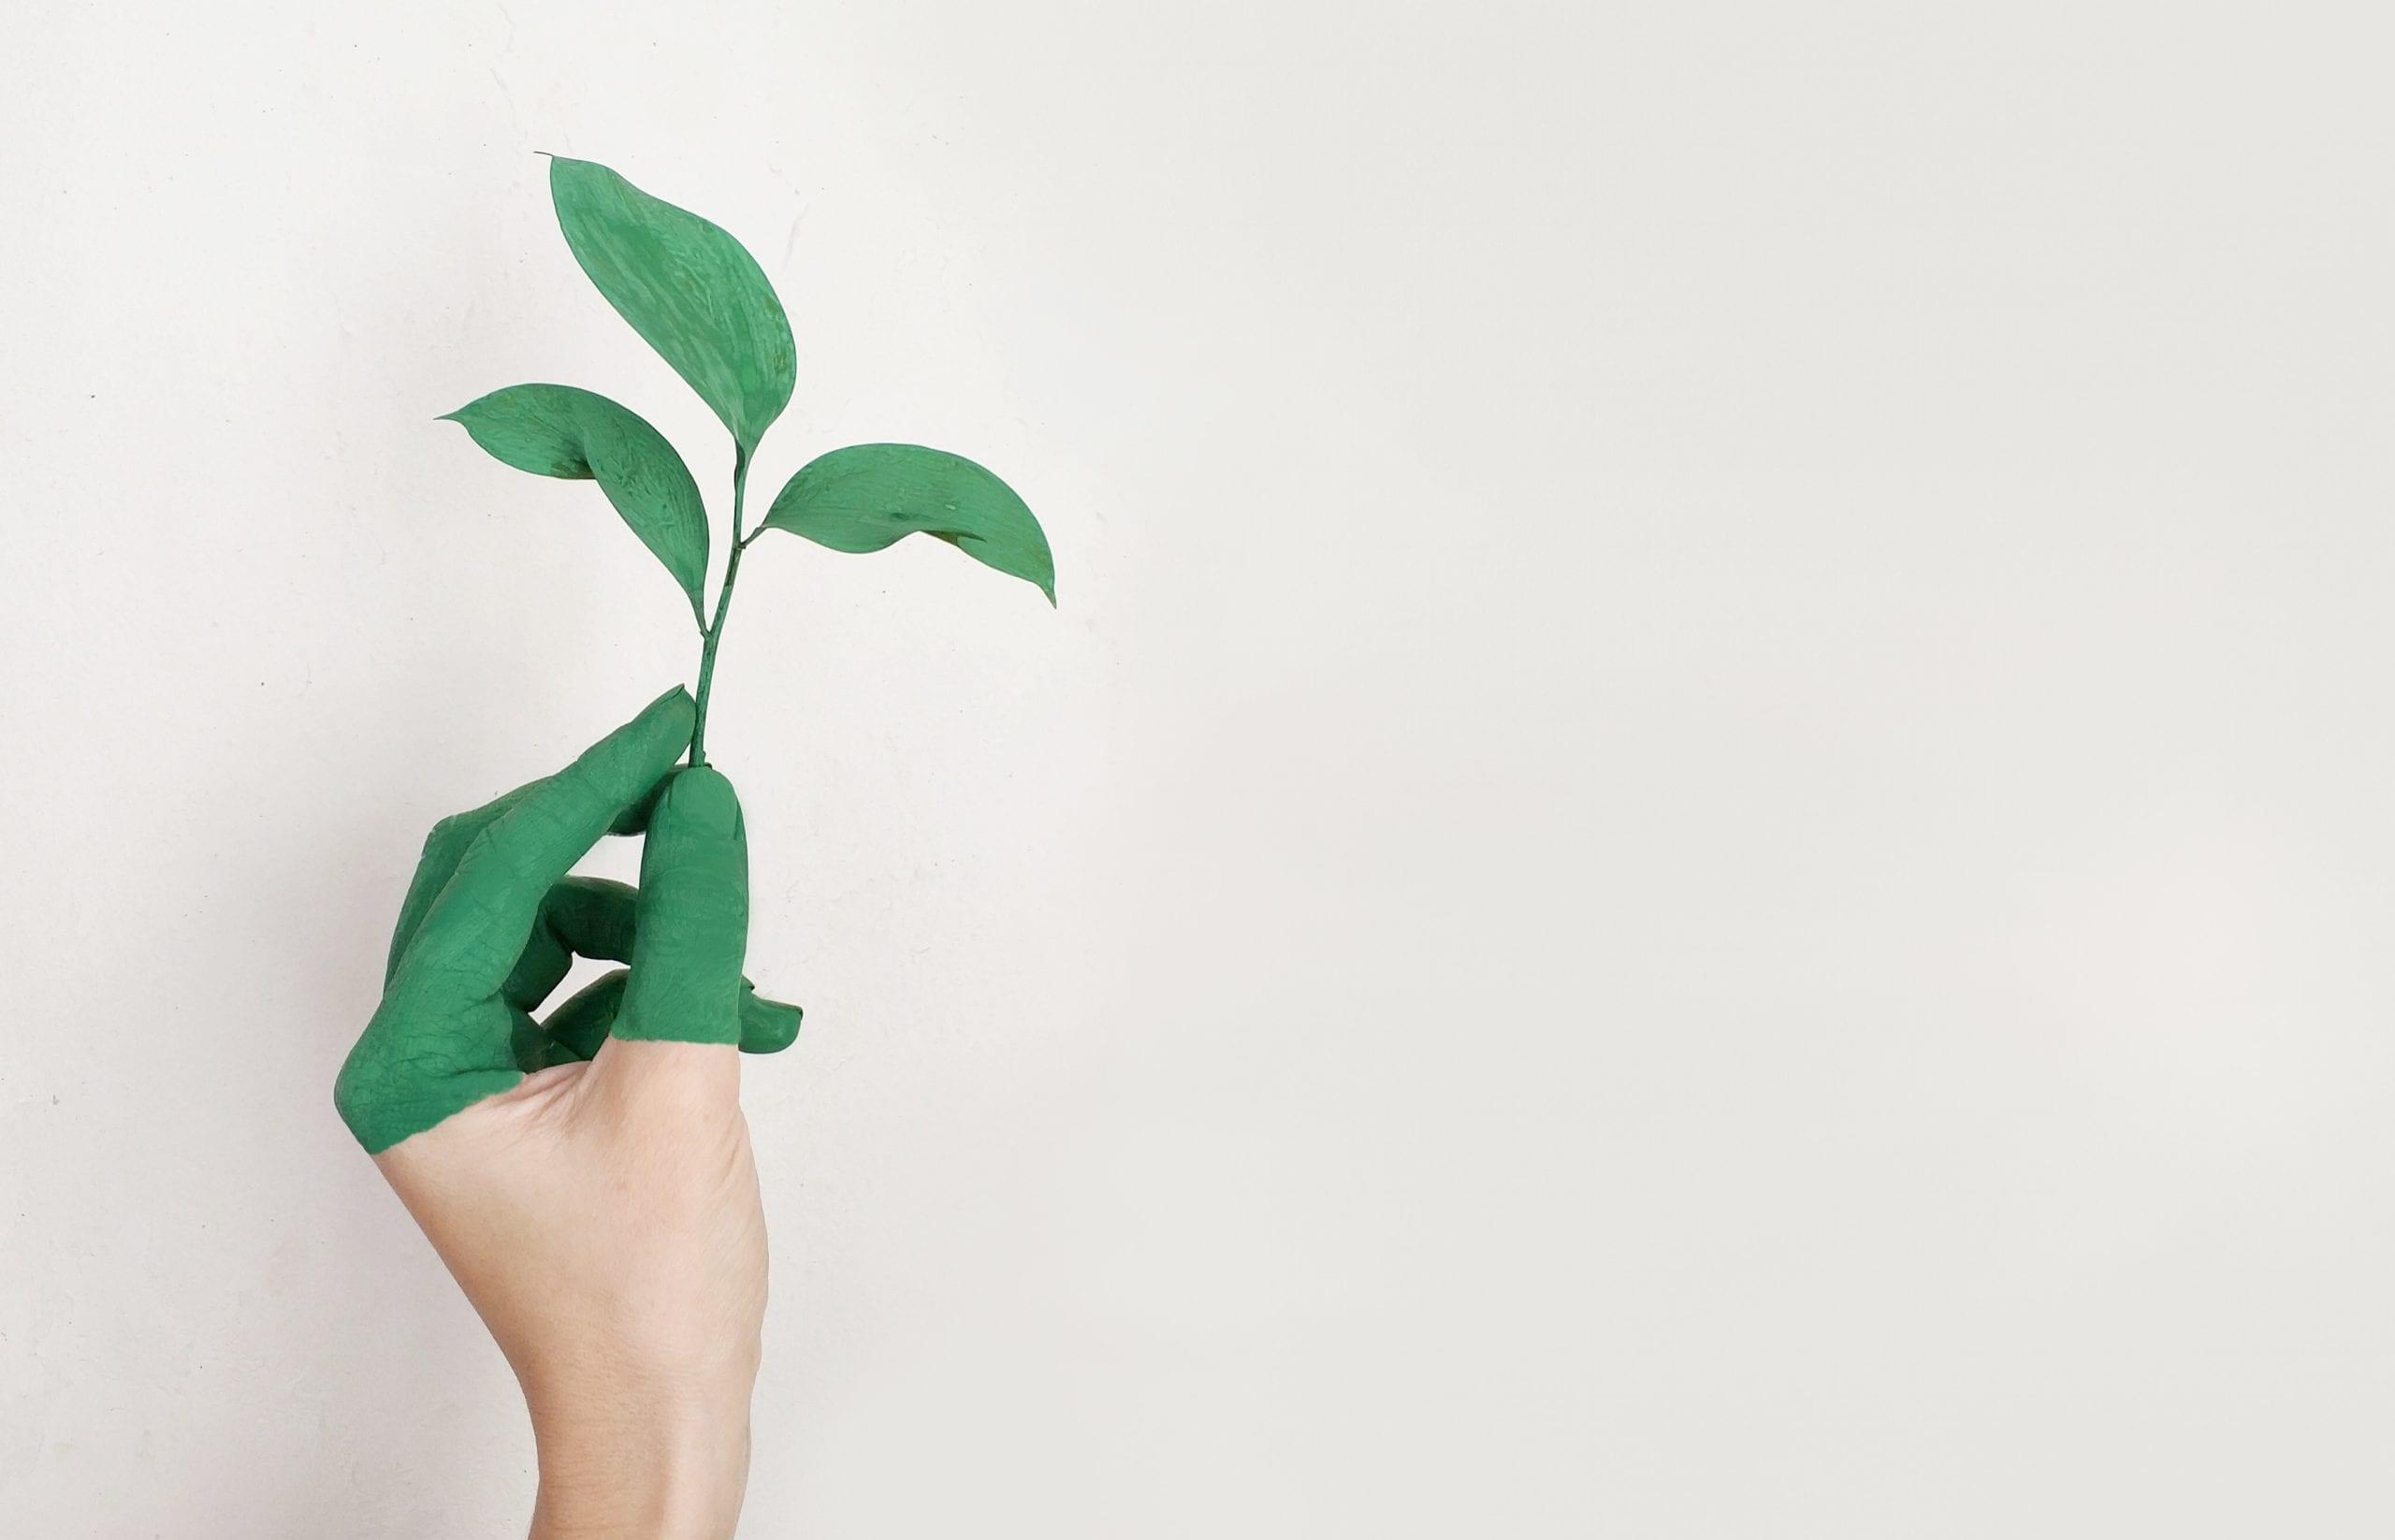 Hand Holding Leaf, Symbol of Sustainability